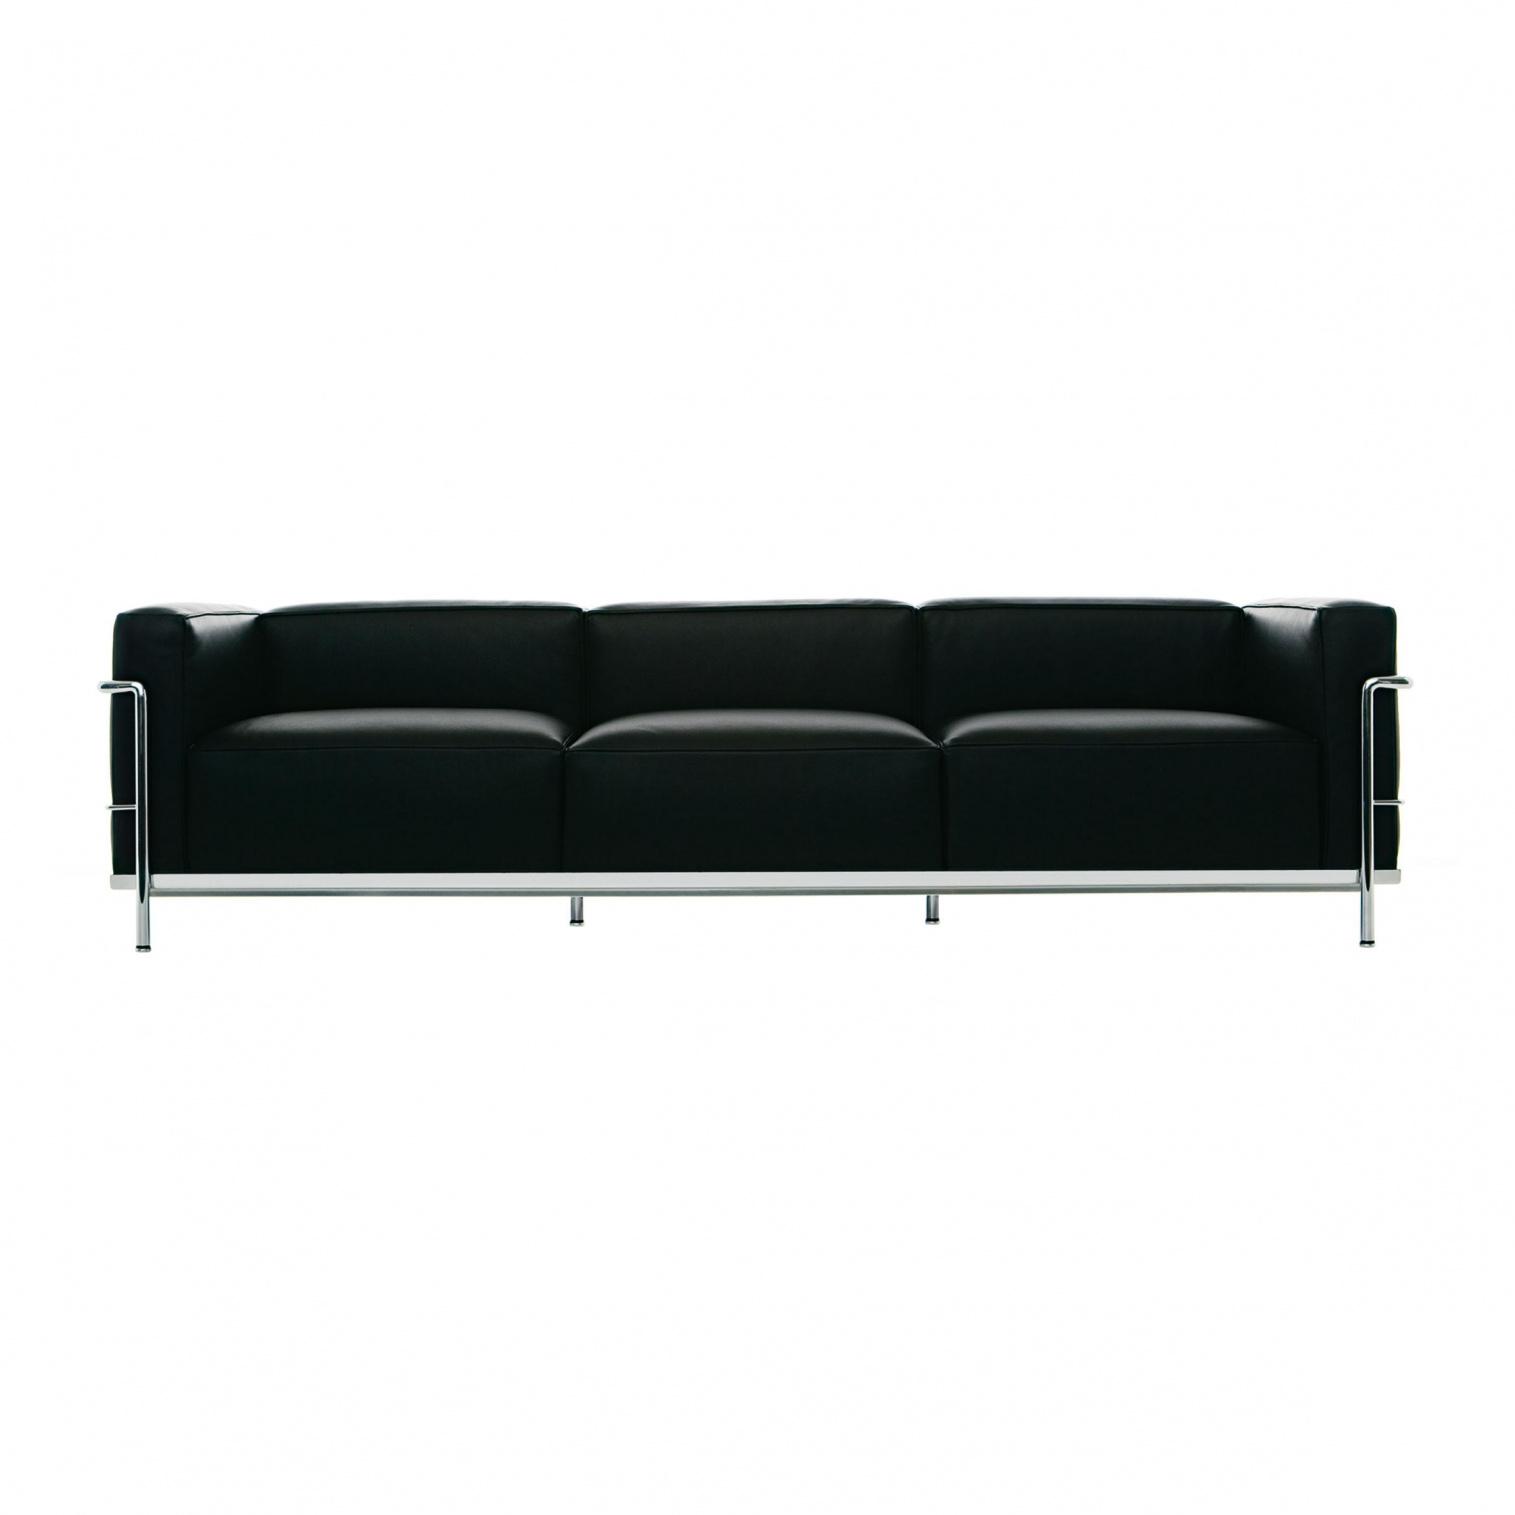 Cassina - Le Corbusier LC3 - Canapé 3 places - graphite/cuir scozia 13X606/structure chromé/PxHxP 237x62x73cm